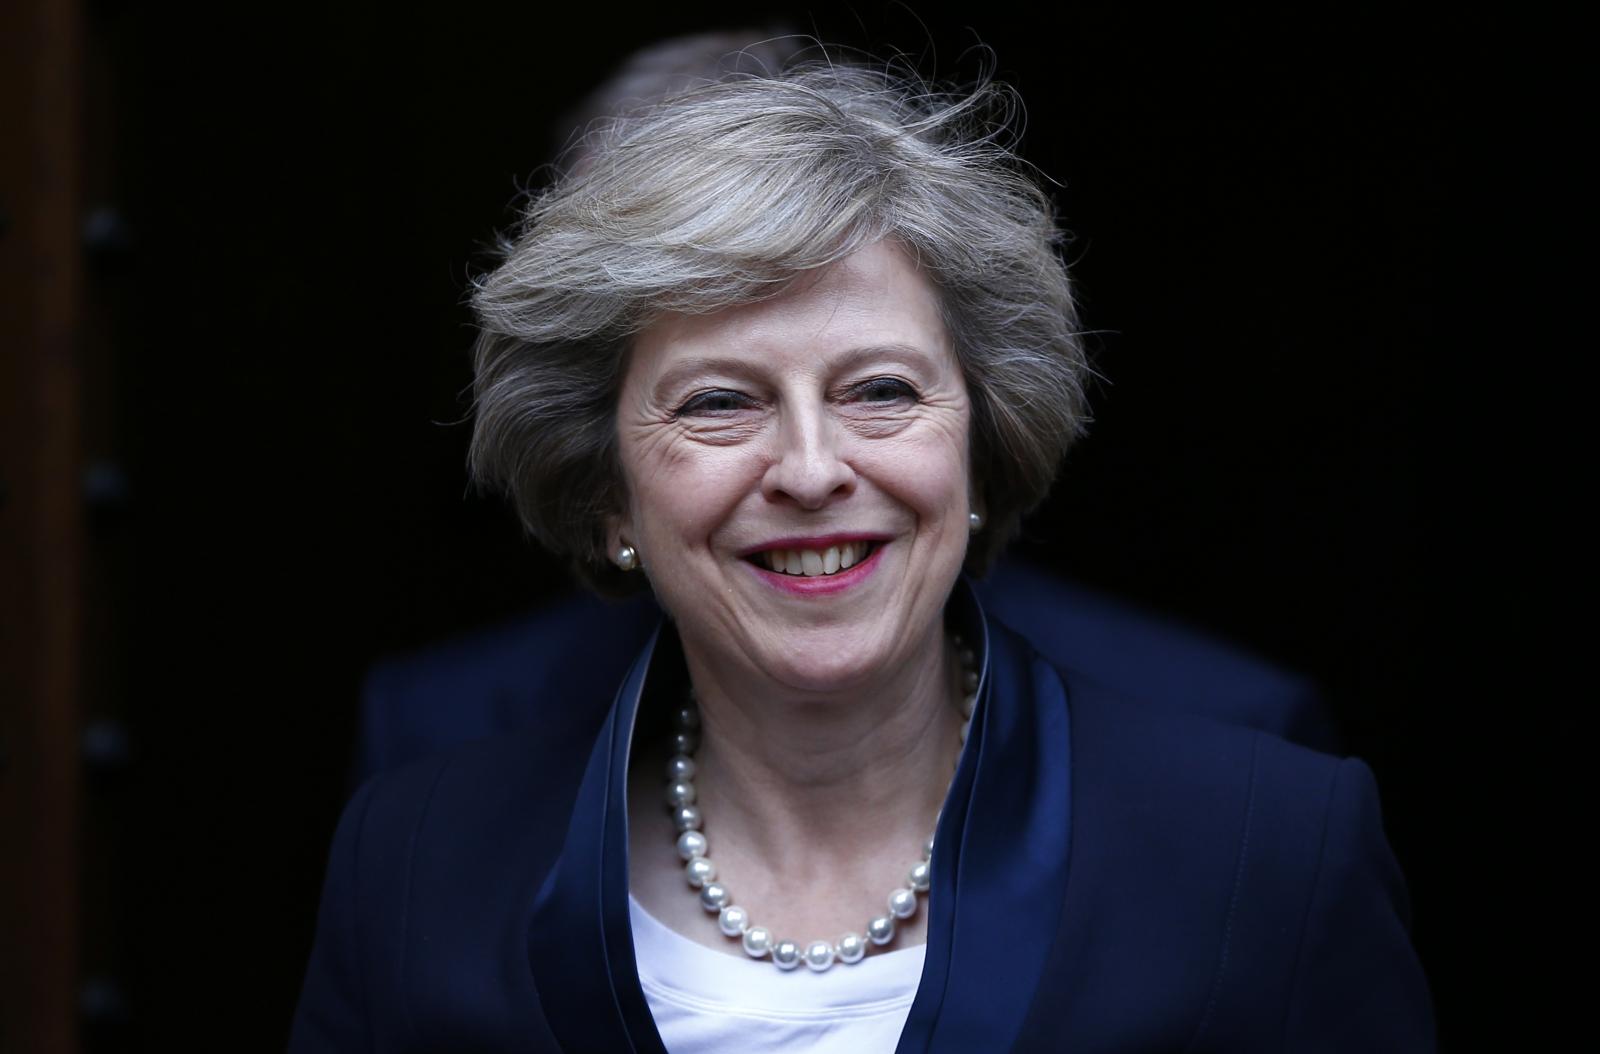 Theresa May election